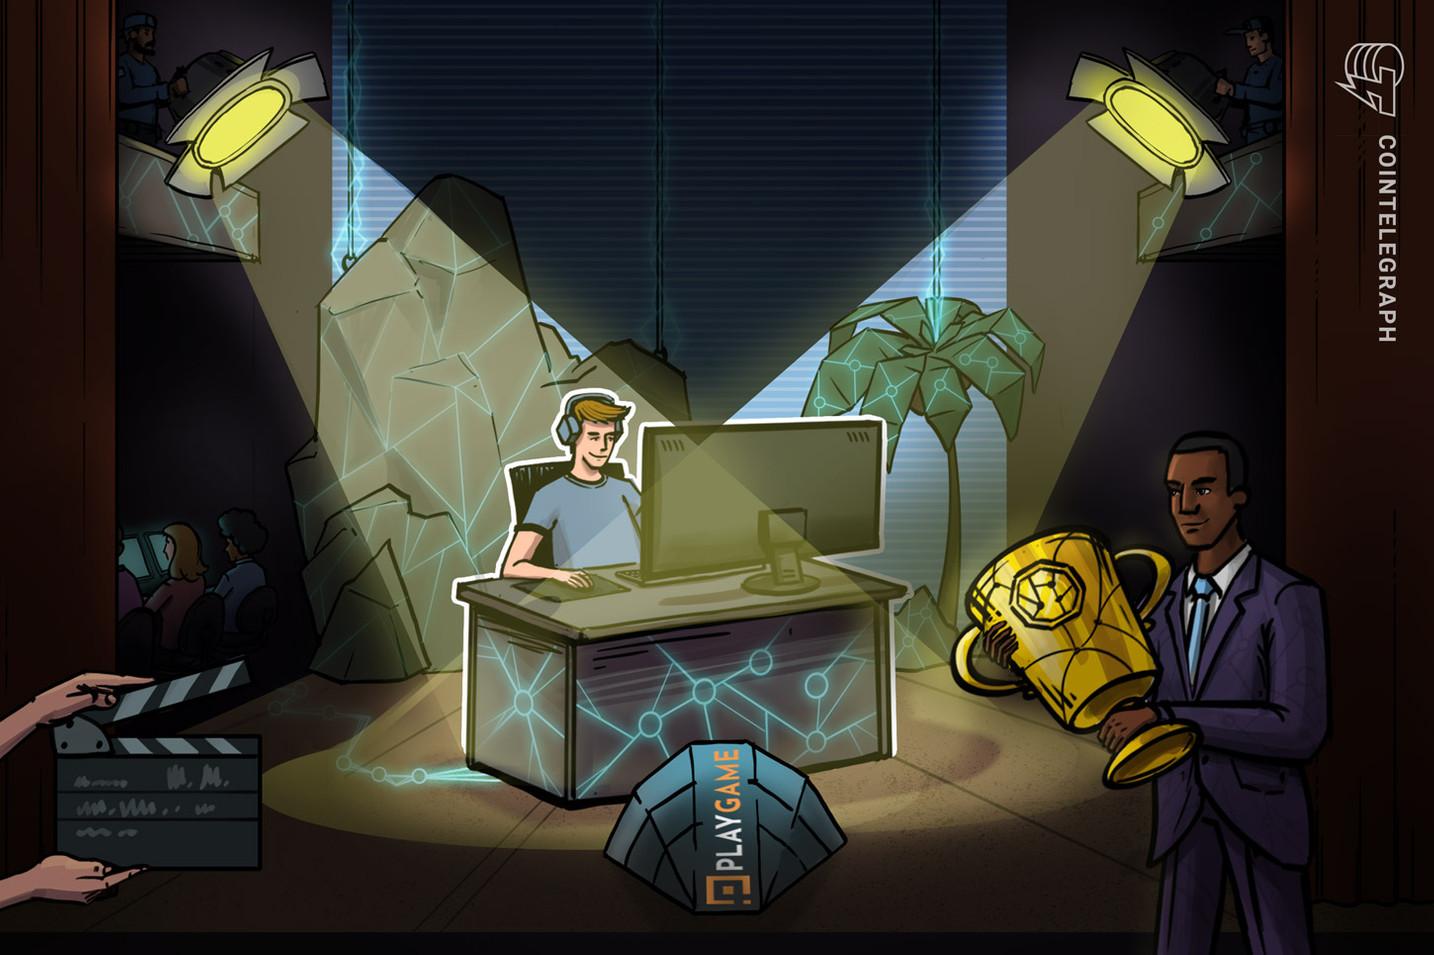 """¡A Jugar! """"Cripto patio de juegos arcade"""" para ayudar a los desarrolladores independientes a competir con los estudios gigantes"""